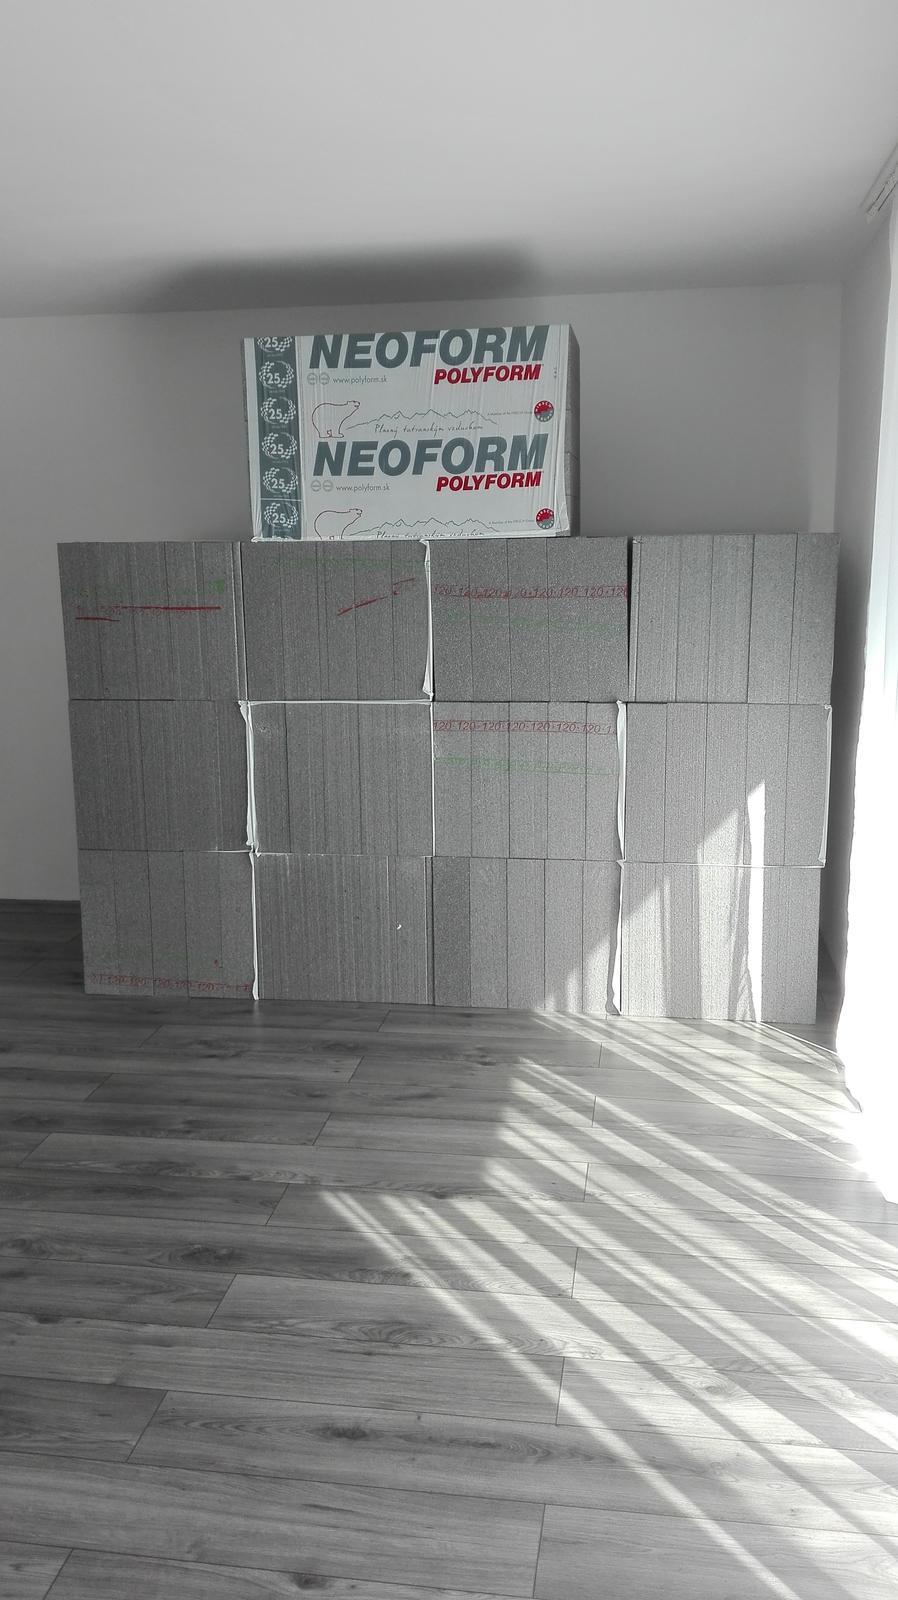 Fasadny polystyrén - Obrázok č. 1